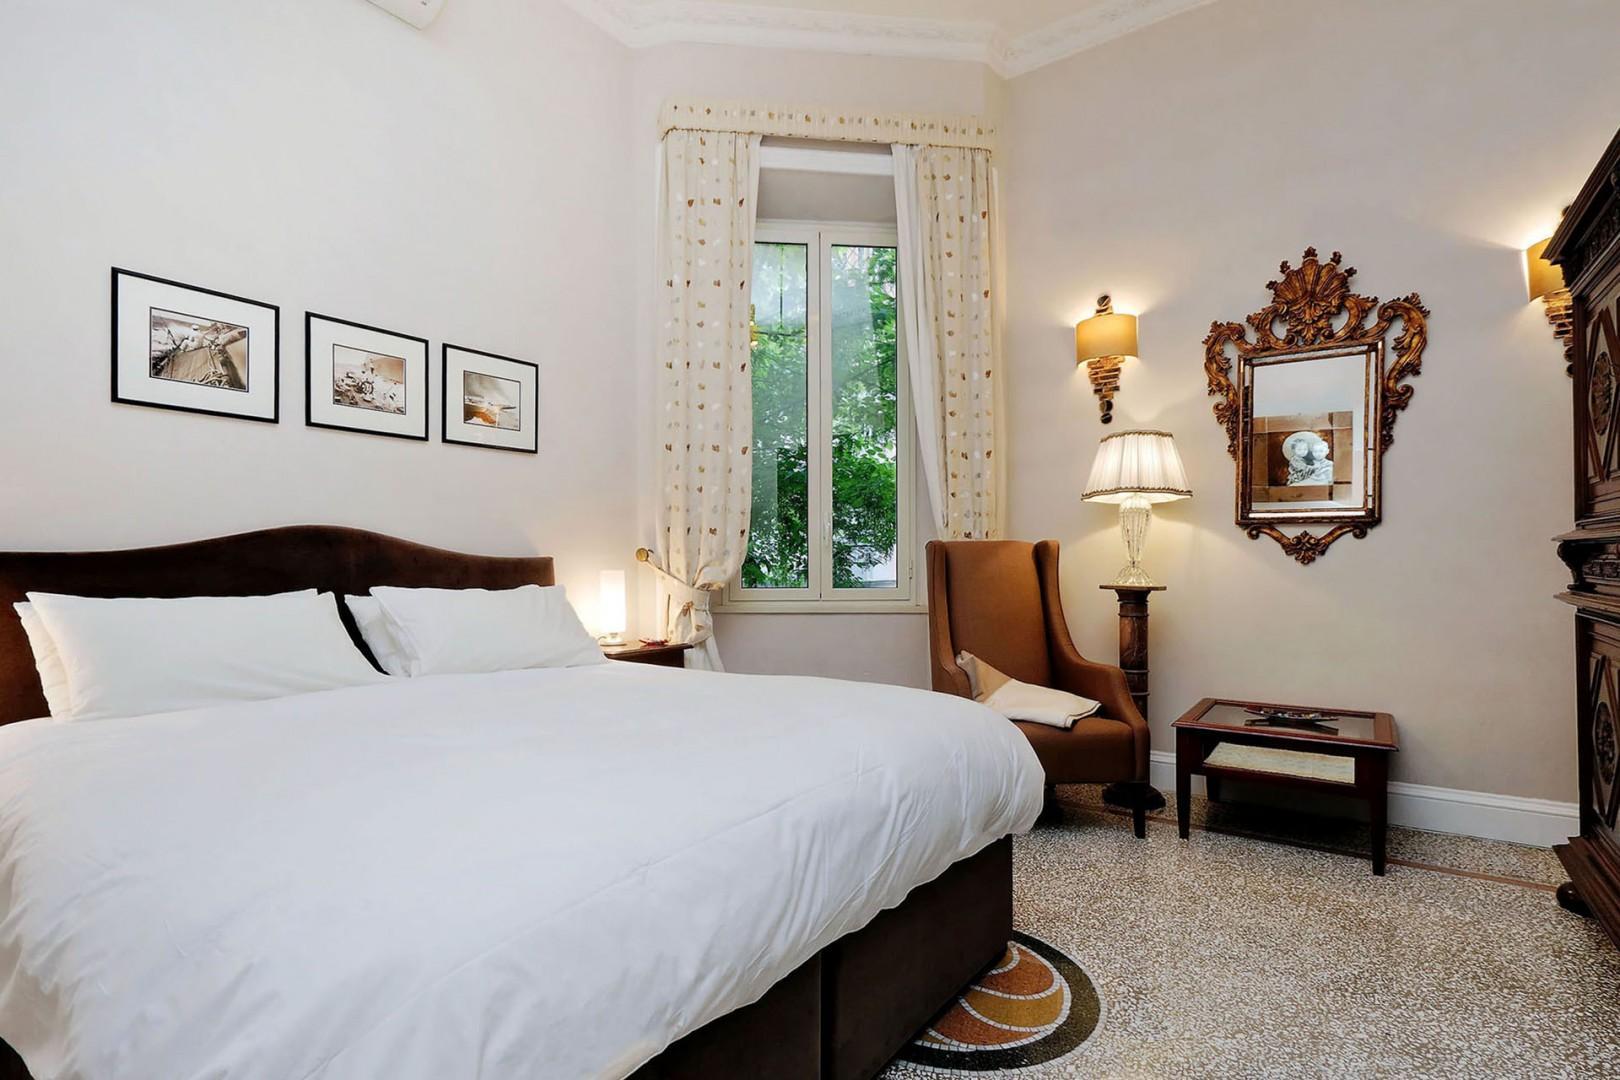 Bedroom 5 is another comfortable bedroom